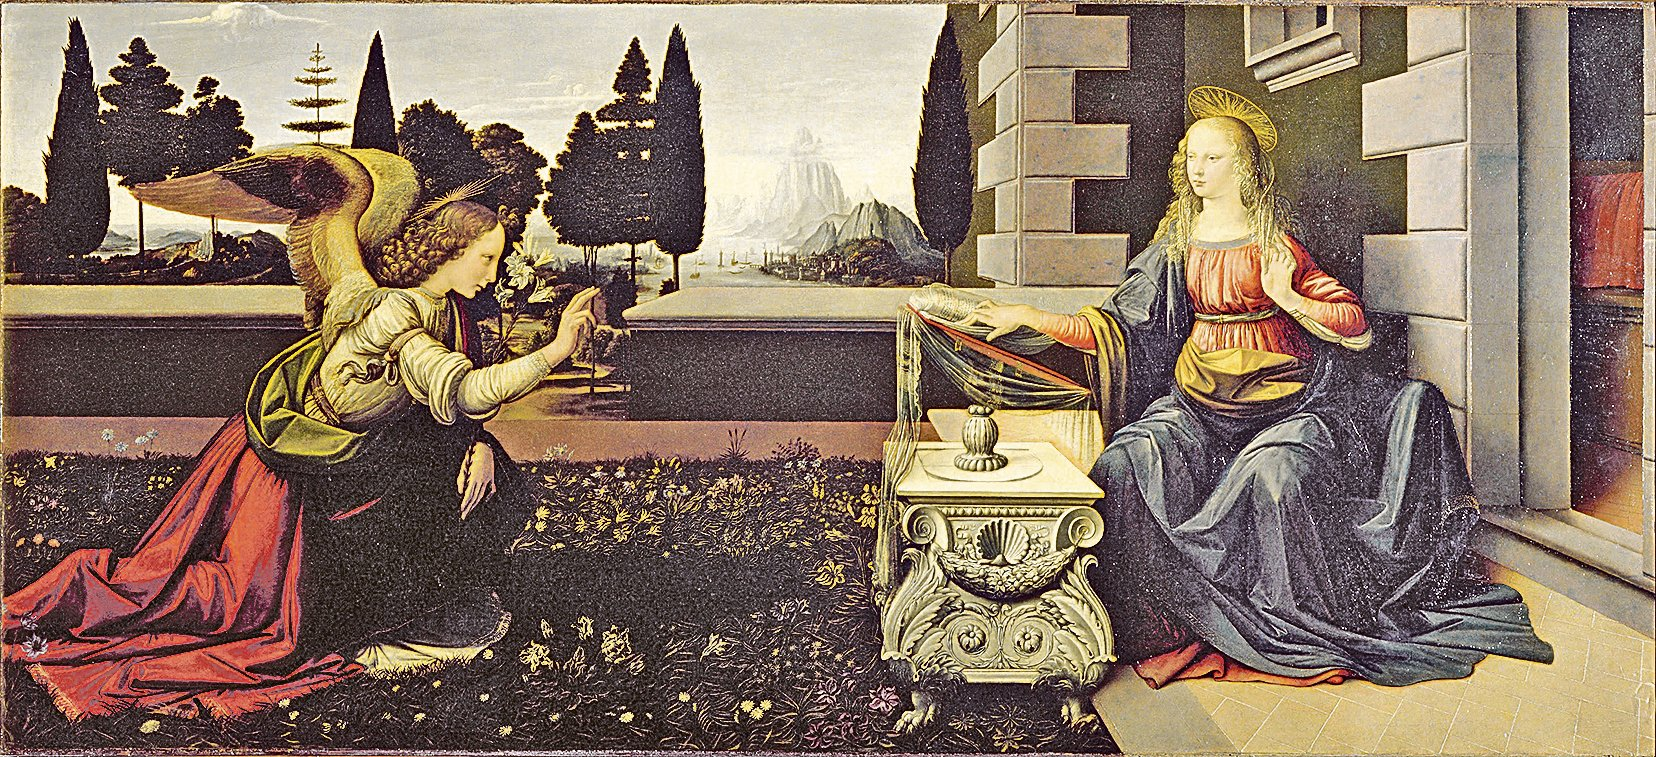 《聖母領報》(Annunciation)是15至16世紀文藝復興時期意大利畫家列奧納多·達文西的早期油畫作品。約作於1472年。現藏於佛羅倫薩烏菲茲美術館。(維基百科公共領域)